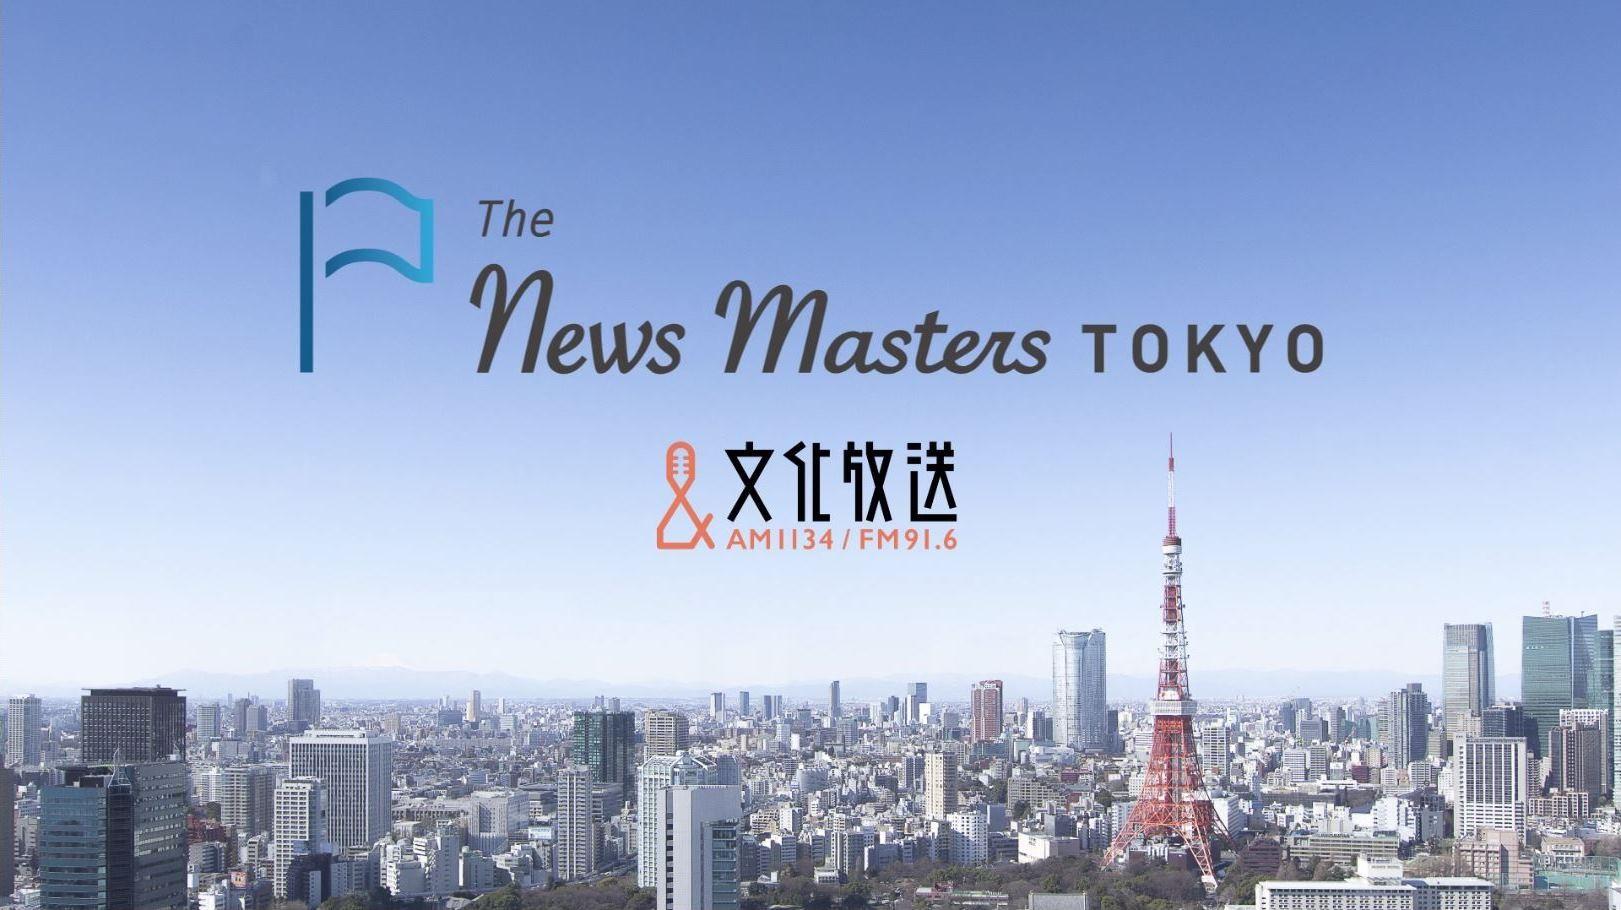 平日朝ワイド『The News Masters TOKYO』スペシャルムービー(15